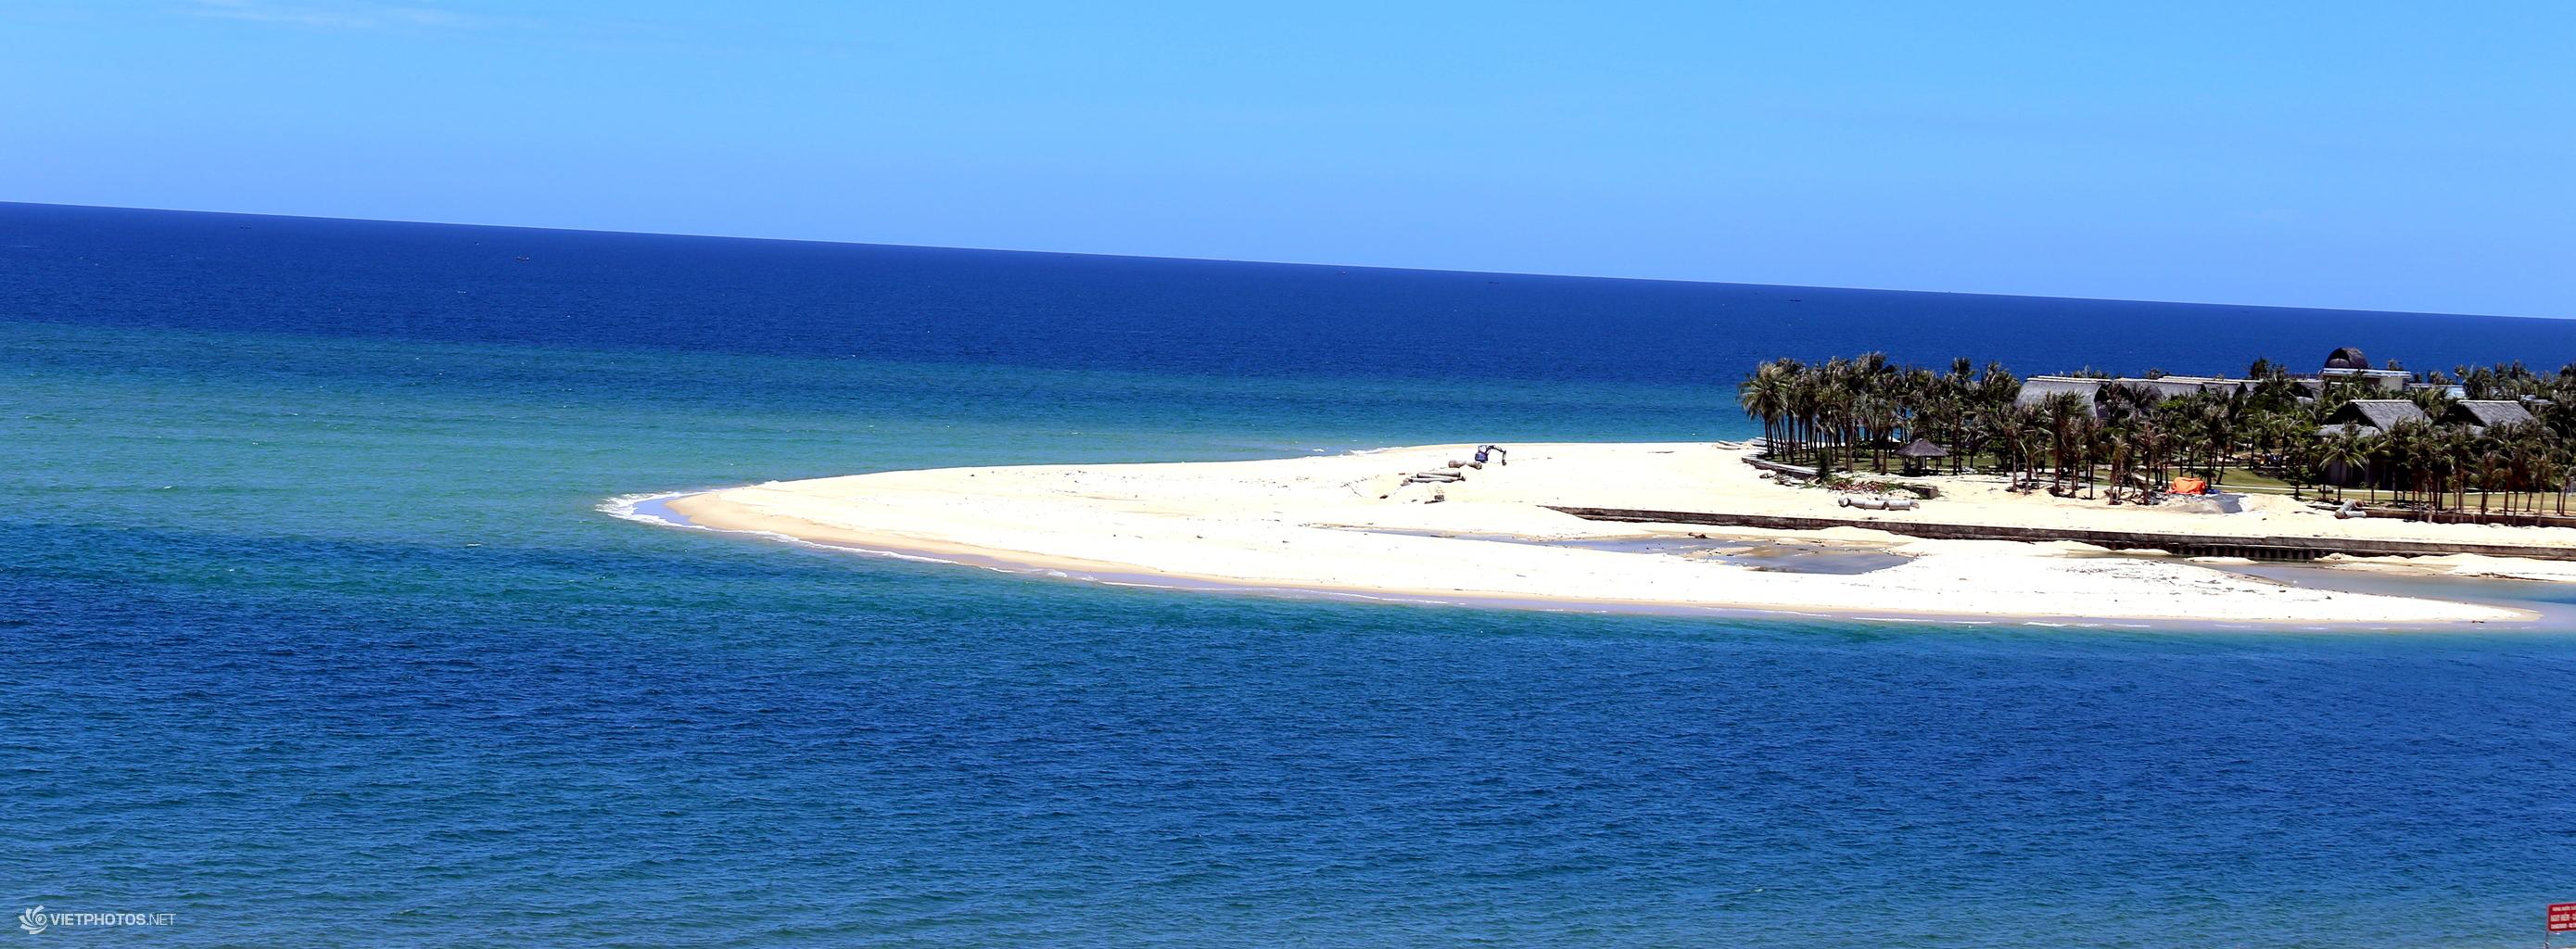 Màu xanh ngọc bích của nước biển Nhật Lệ sẽ giúp bạn thư thái và có cảm giác bình yên, dịu dàng.